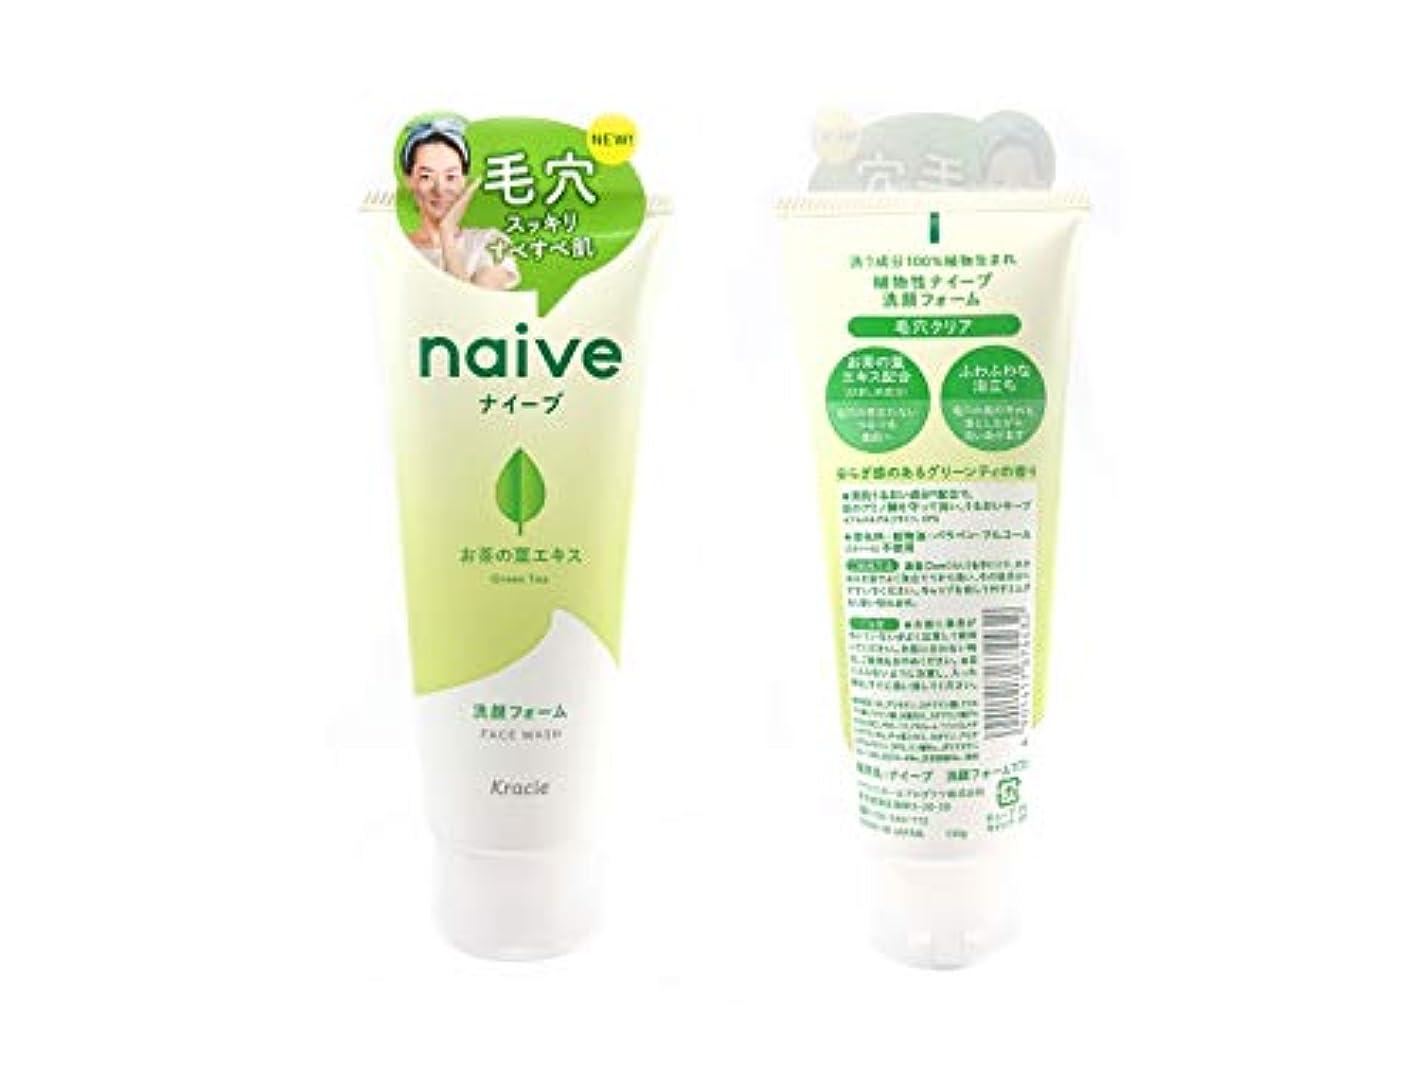 散らす義務づけるヶ月目ナイーブ 洗顔フォーム (お茶の葉エキス配合) 130g